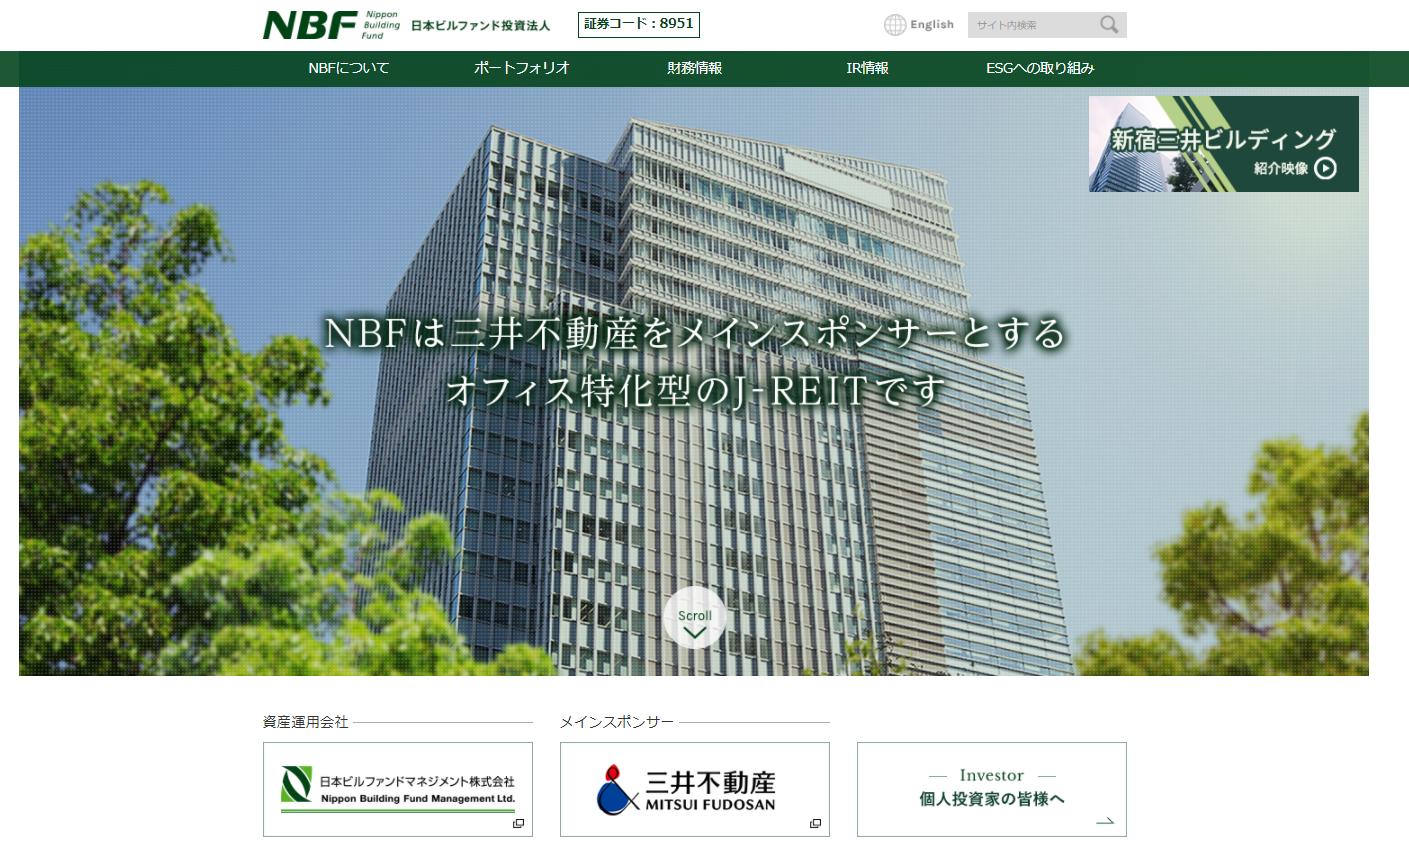 日本ビルファンド投資法人(NBF)のサイト。メインスポンサーは三井物産。